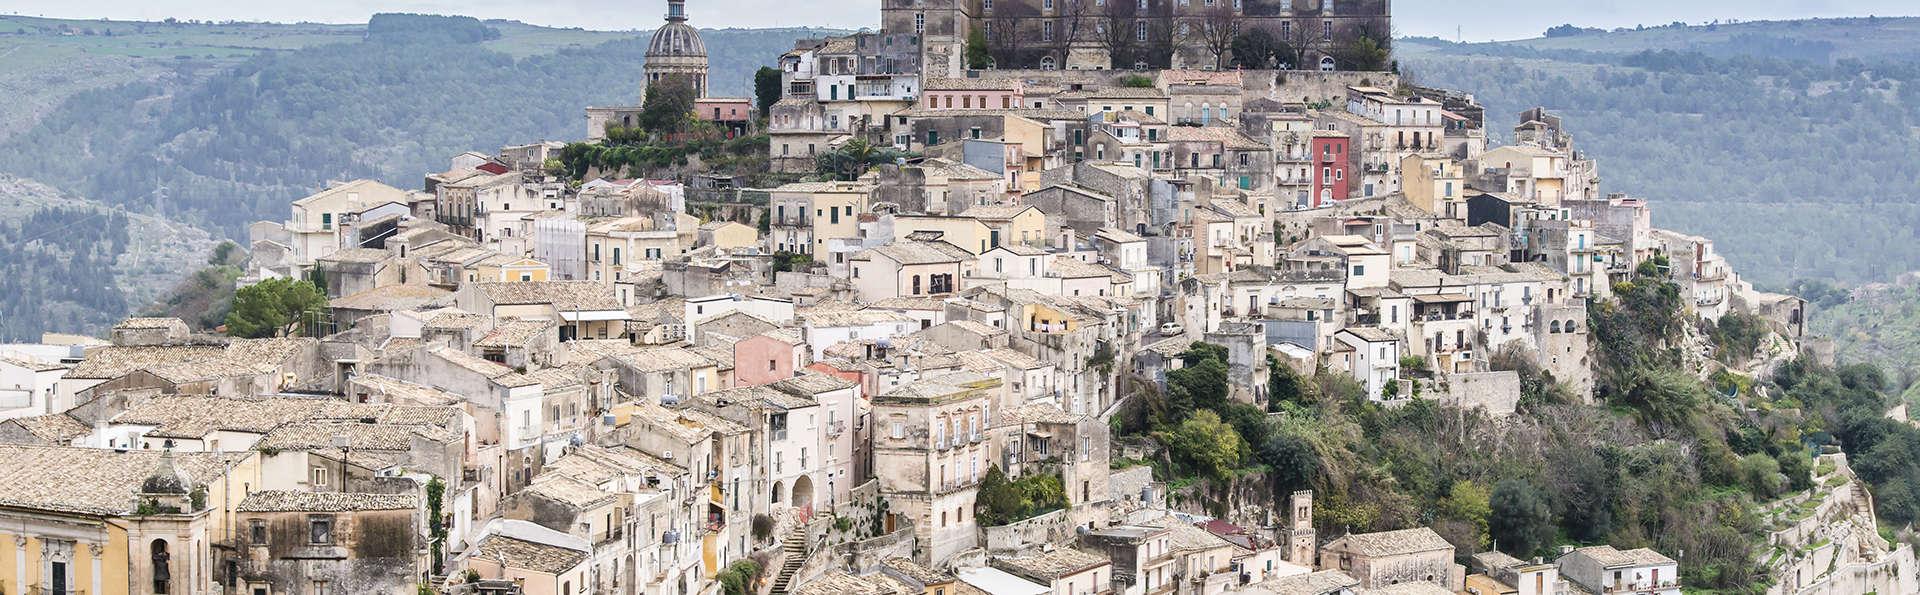 Villa Principe di Belmonte - Edit_Destination2.jpg